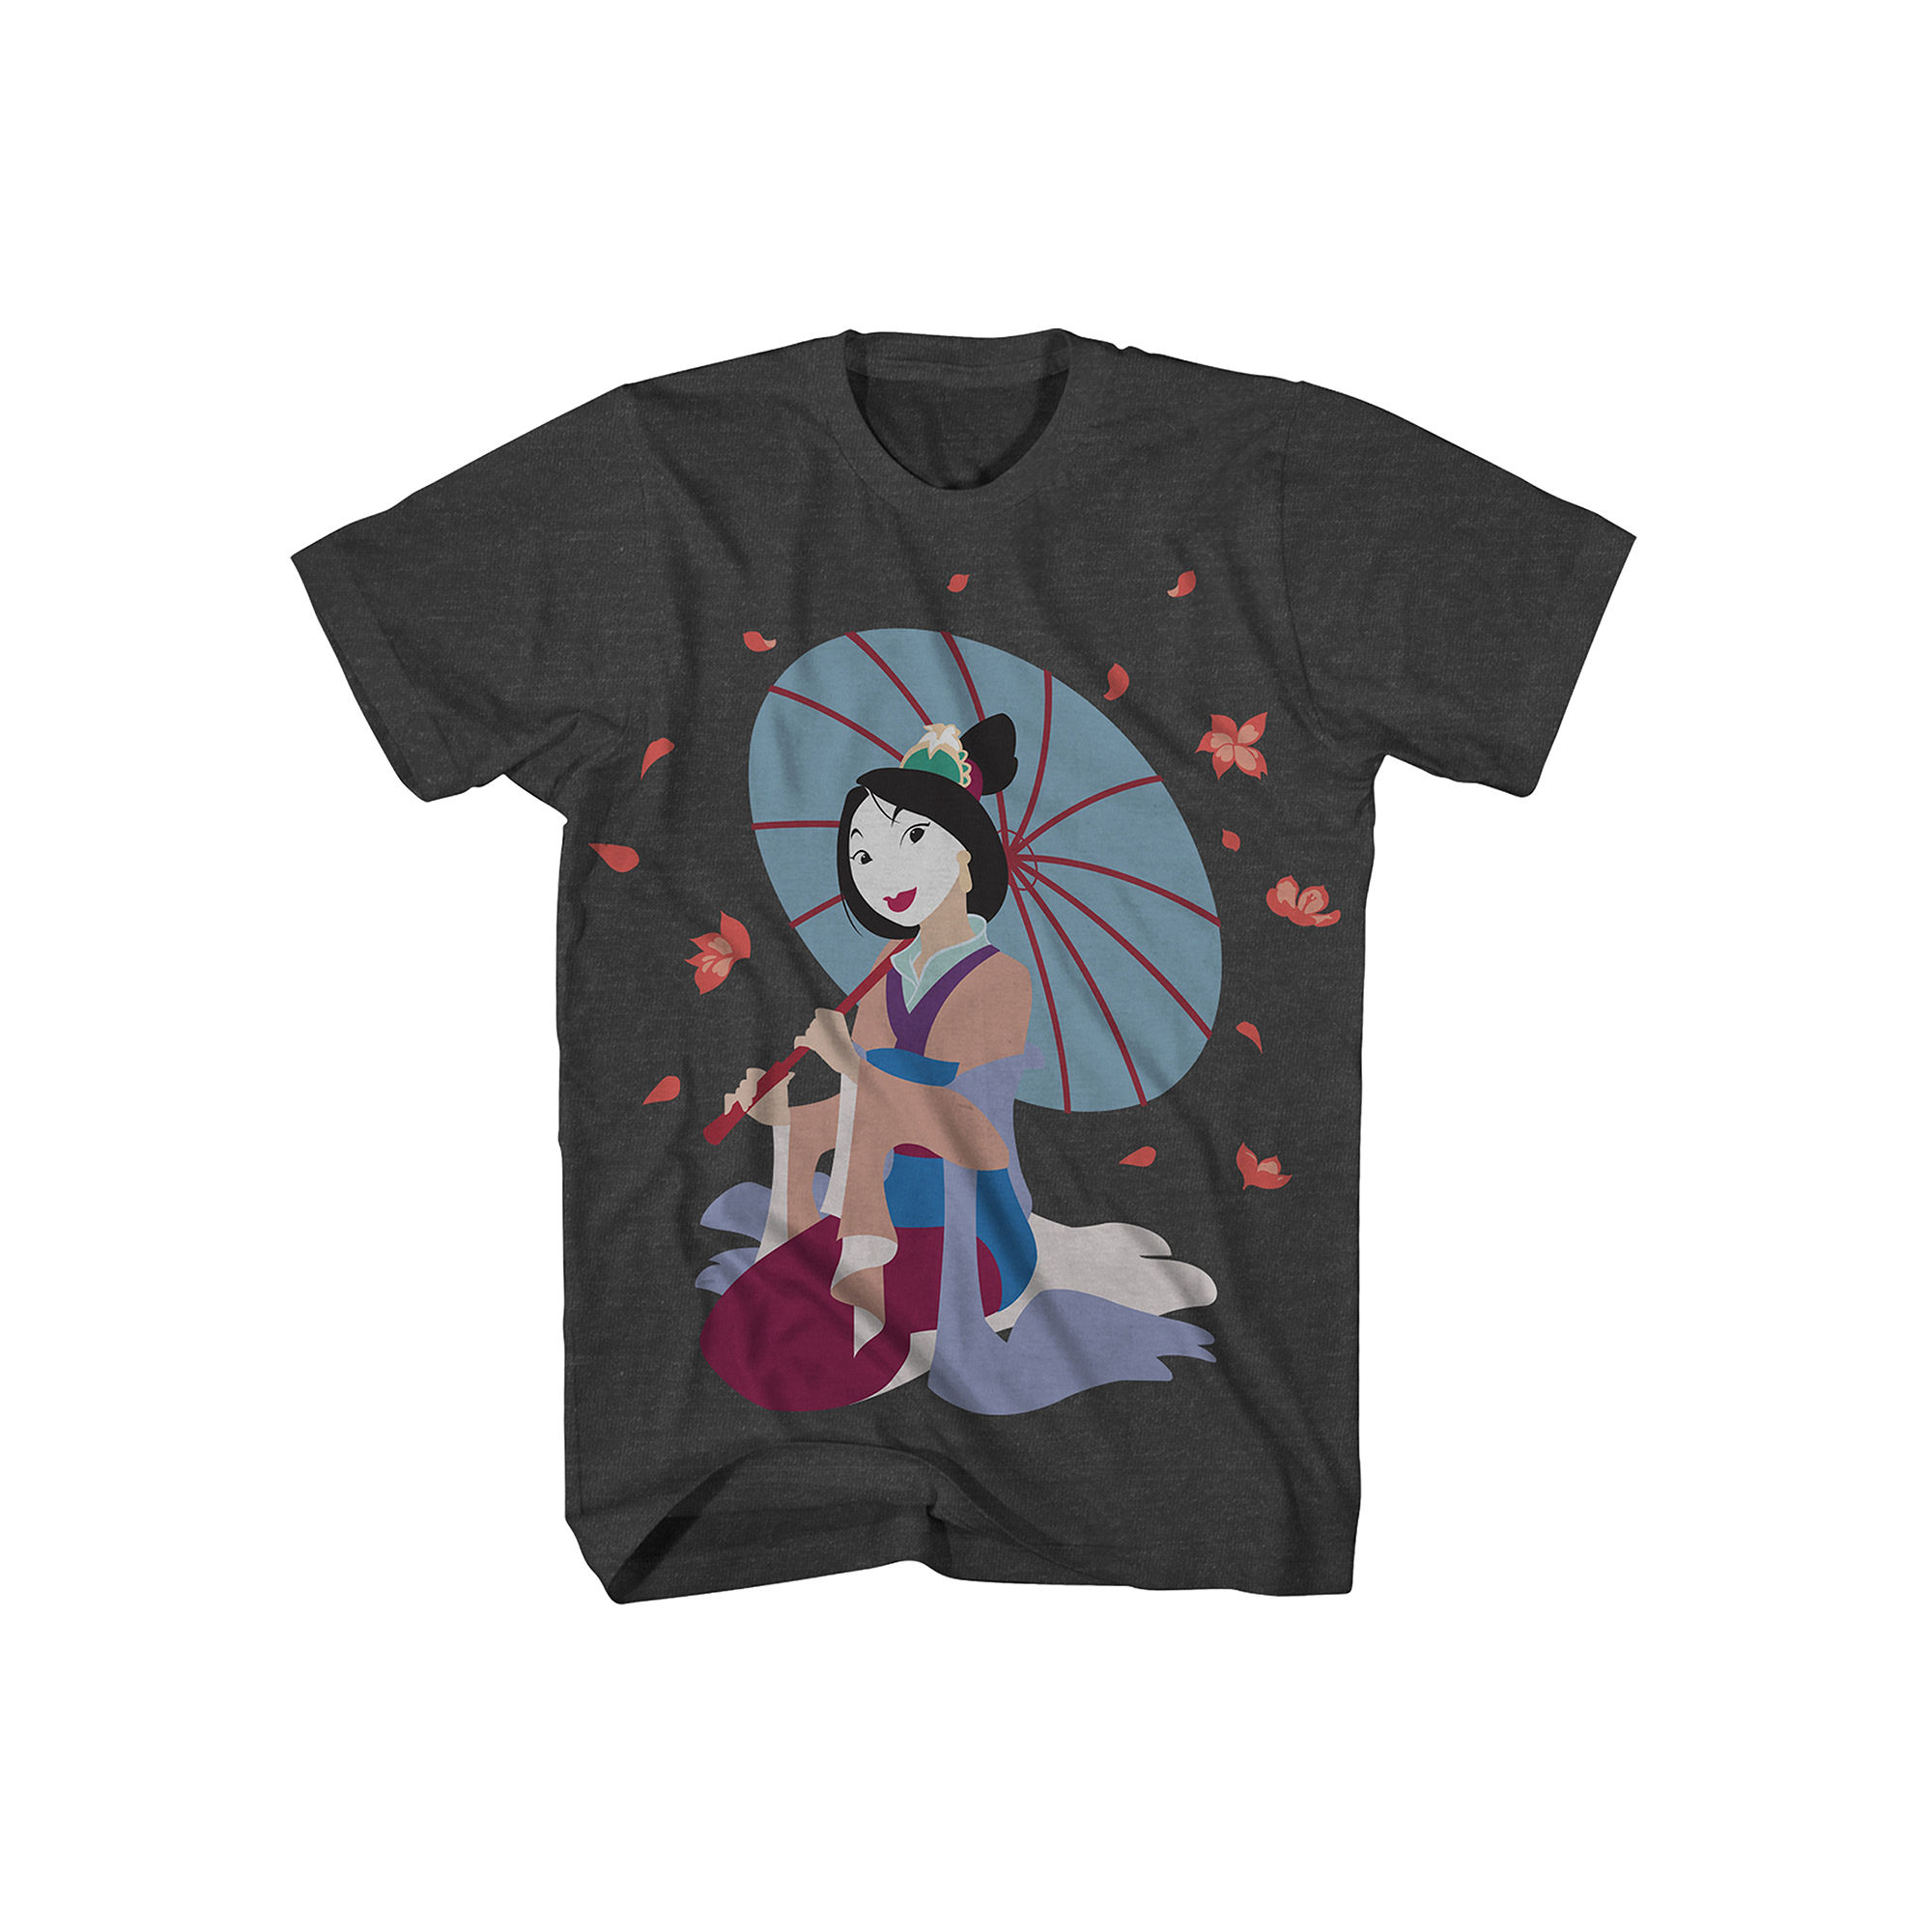 Novelty T Shirts Disney Mulan Short Sleeve T Shirt | Top and Clothing